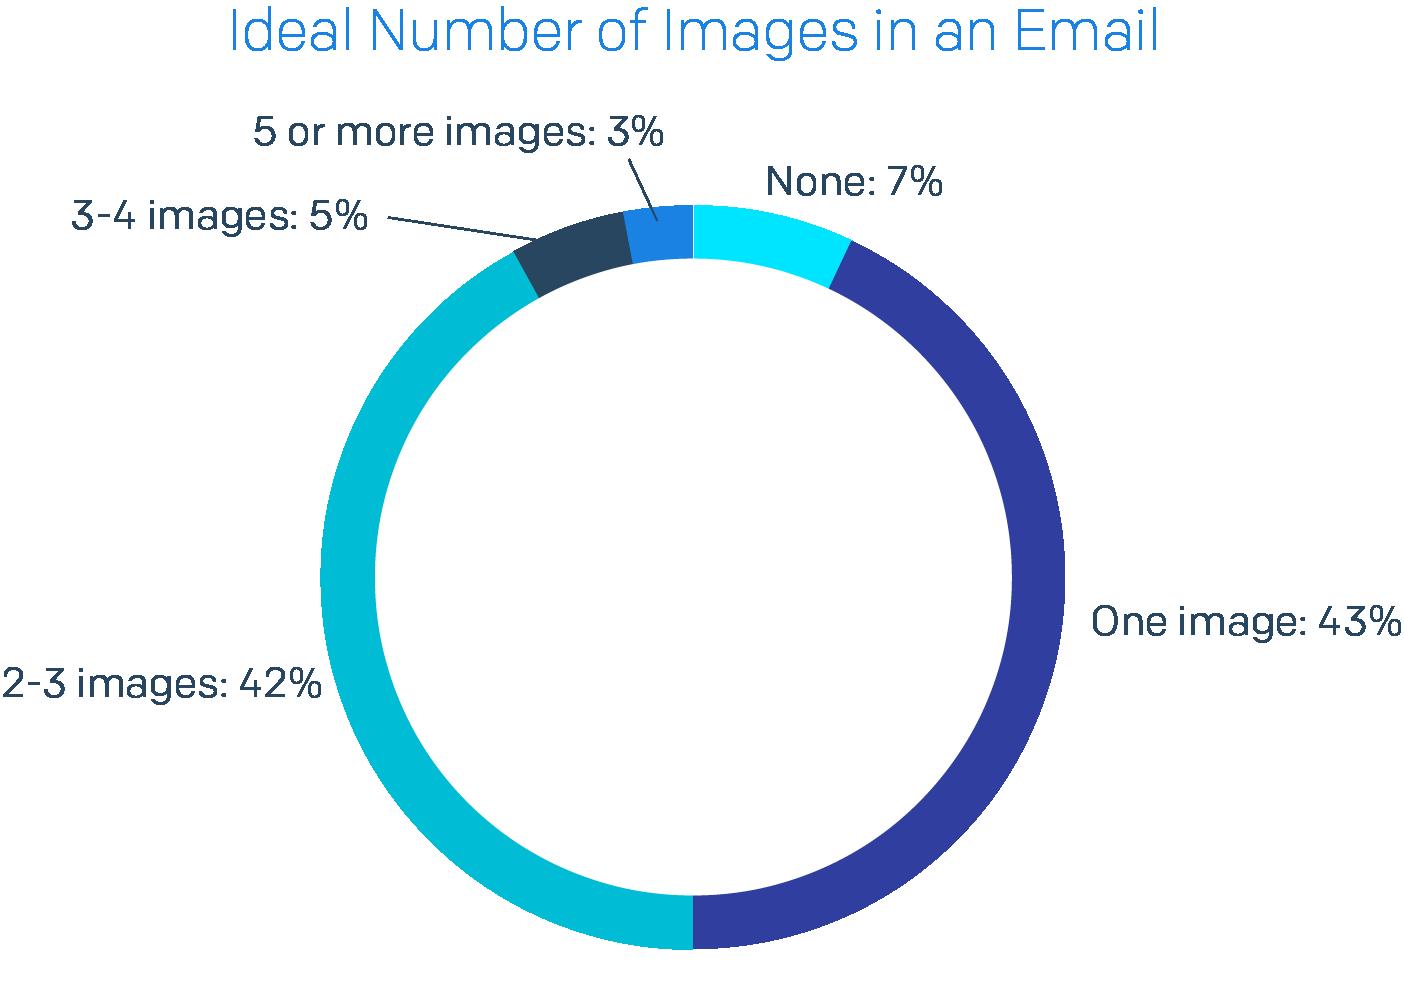 メール画像の理想的な数